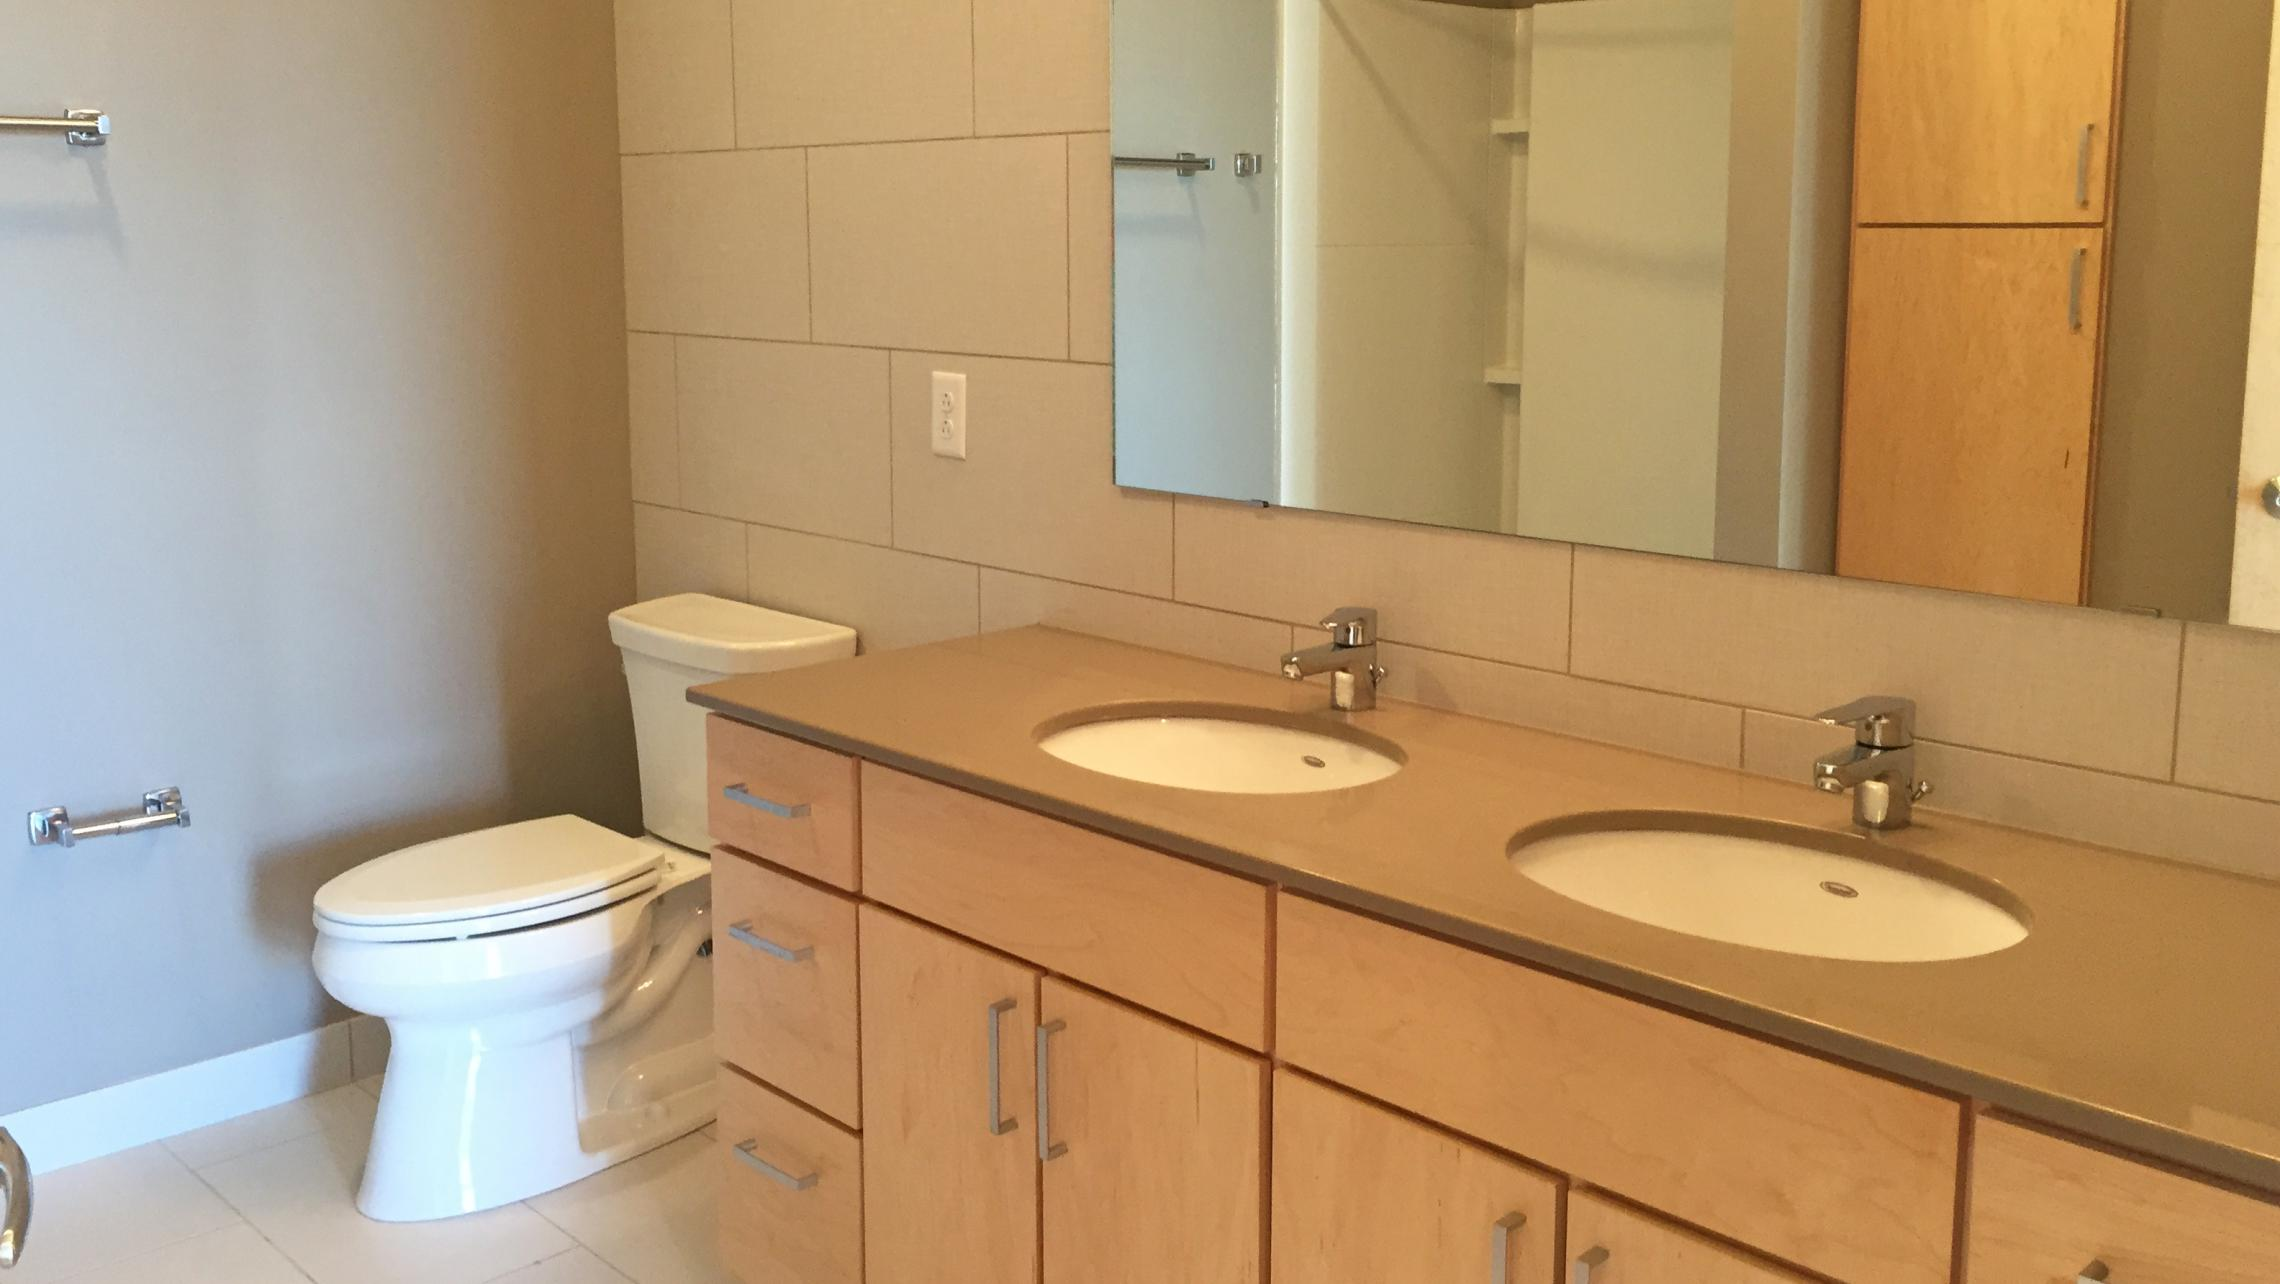 ULI Nine Line Apartment 223 - Bathroom